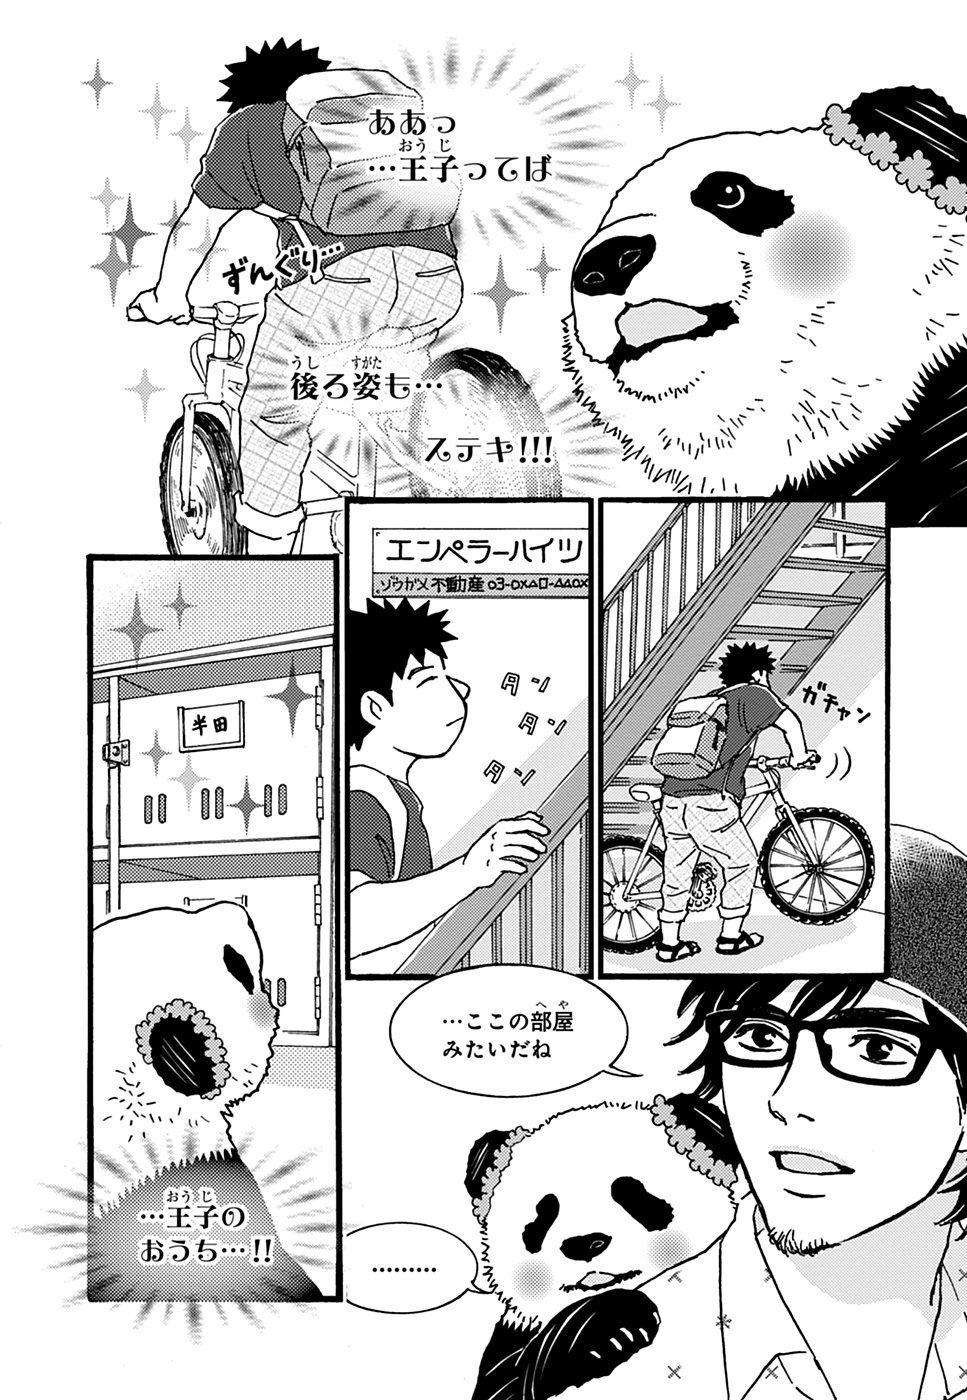 しろくまカフェ today's special 漫画試し読み22